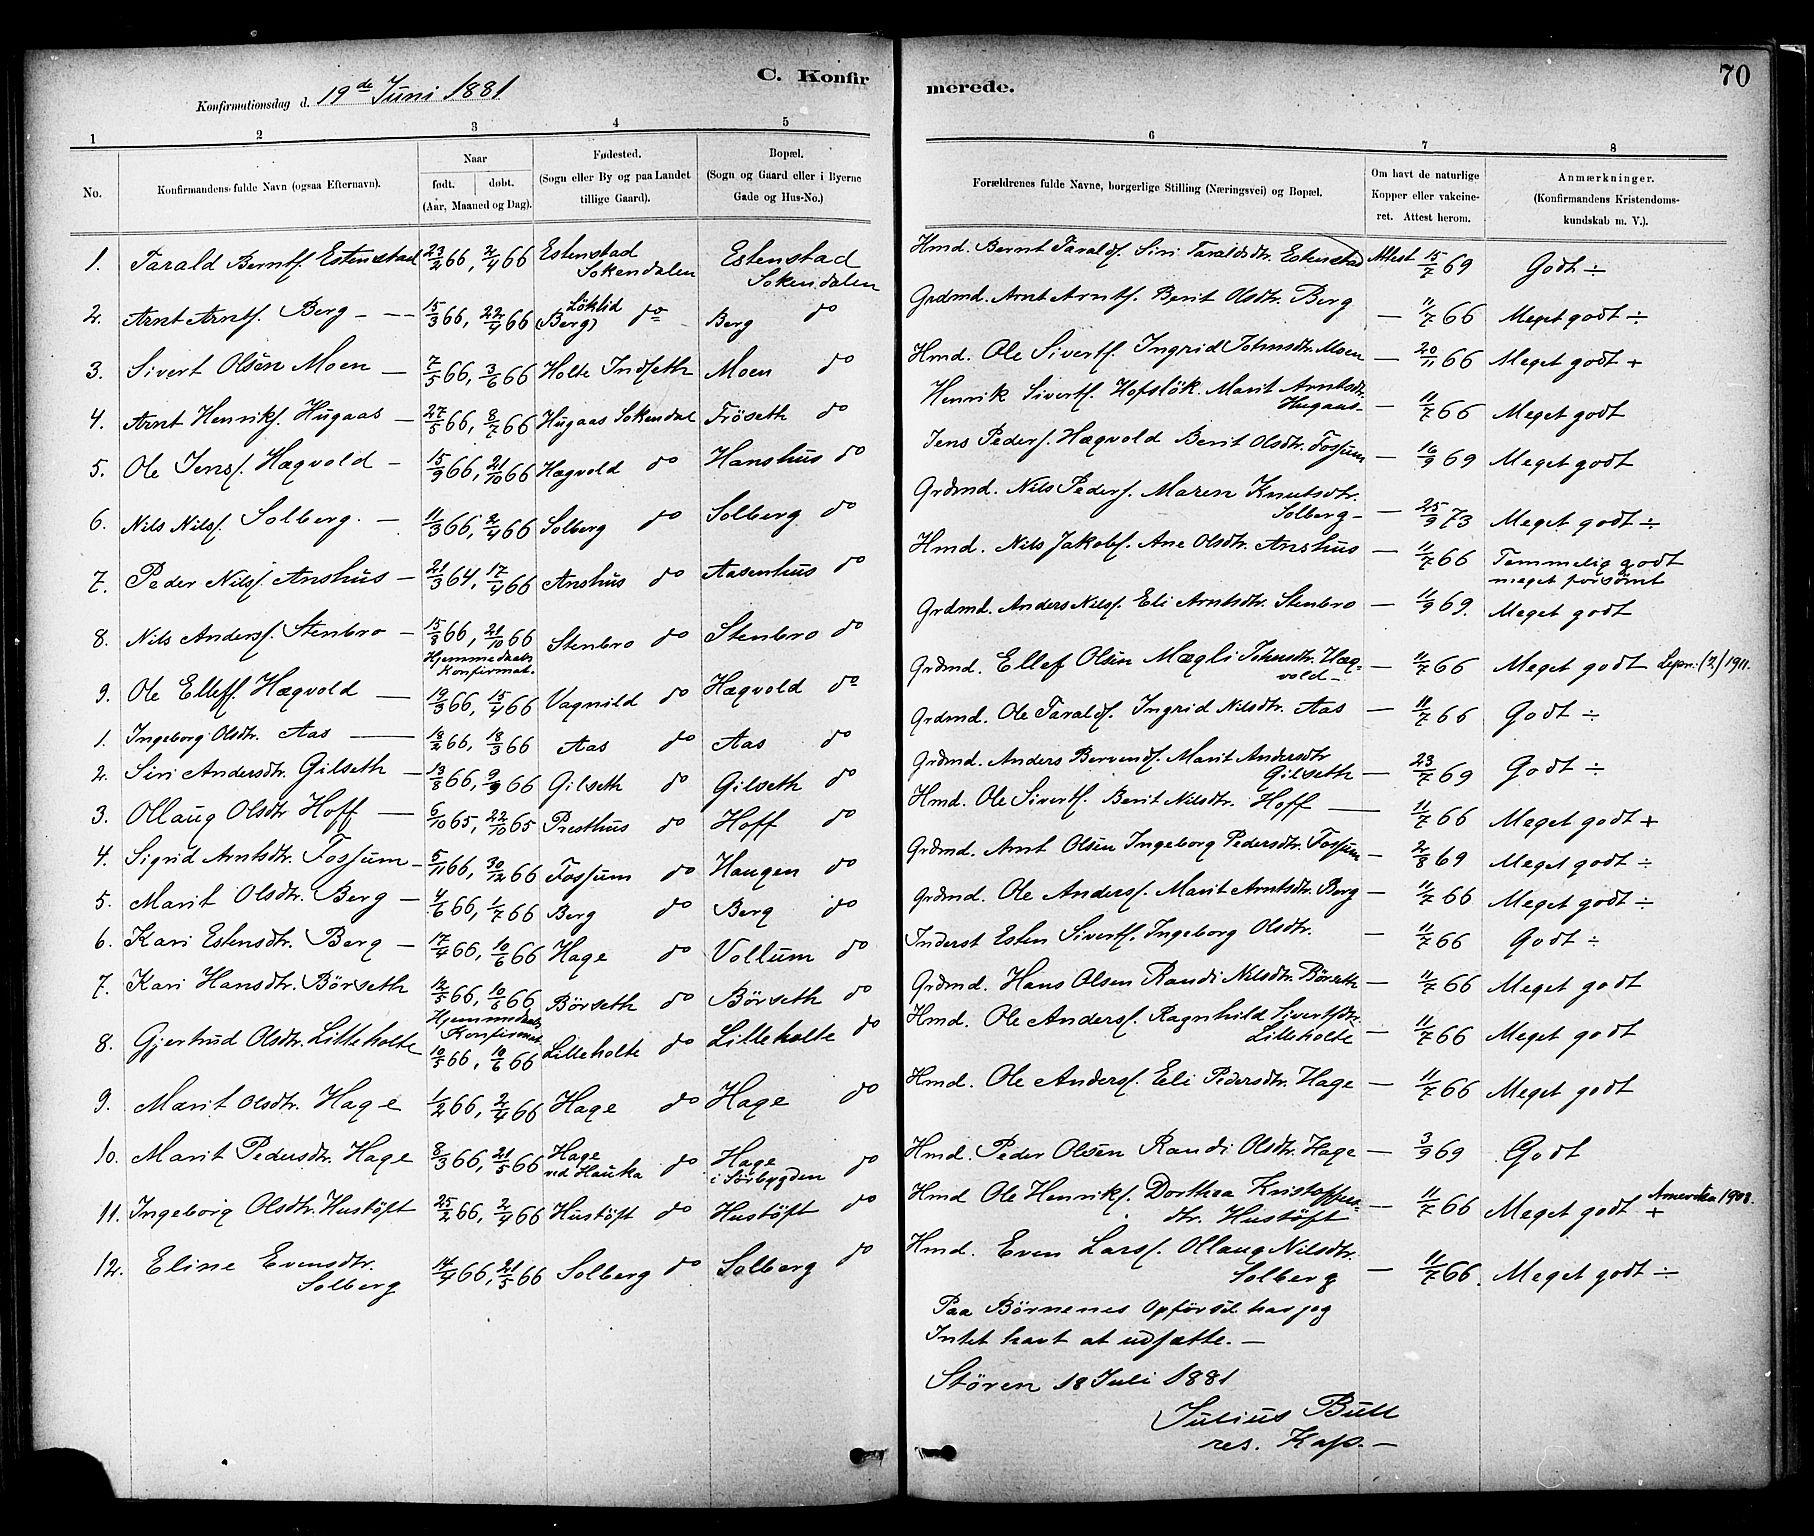 SAT, Ministerialprotokoller, klokkerbøker og fødselsregistre - Sør-Trøndelag, 689/L1040: Ministerialbok nr. 689A05, 1878-1890, s. 70